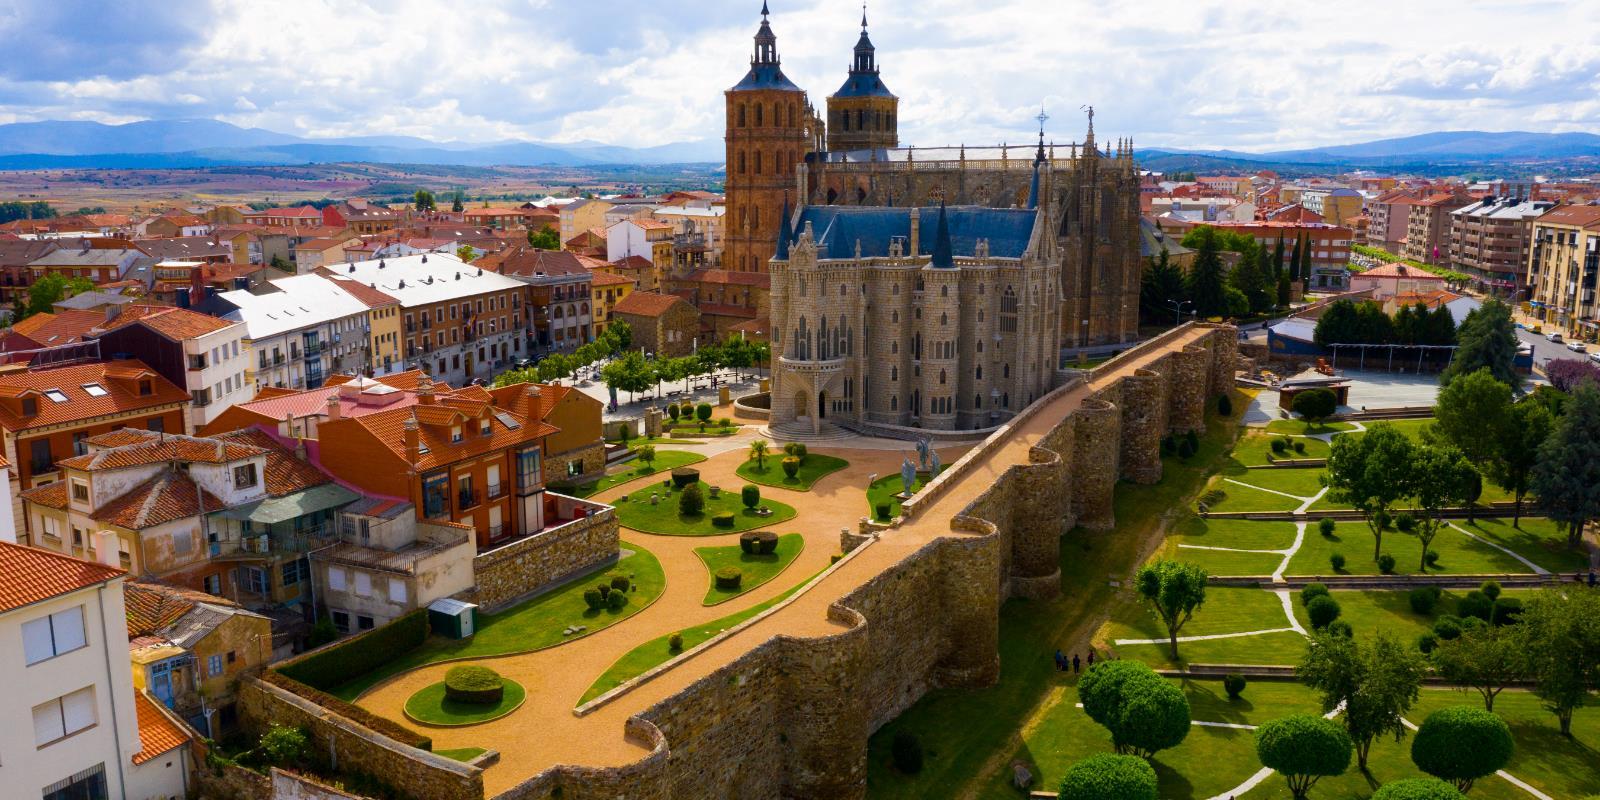 Excursión a Astorga desde León